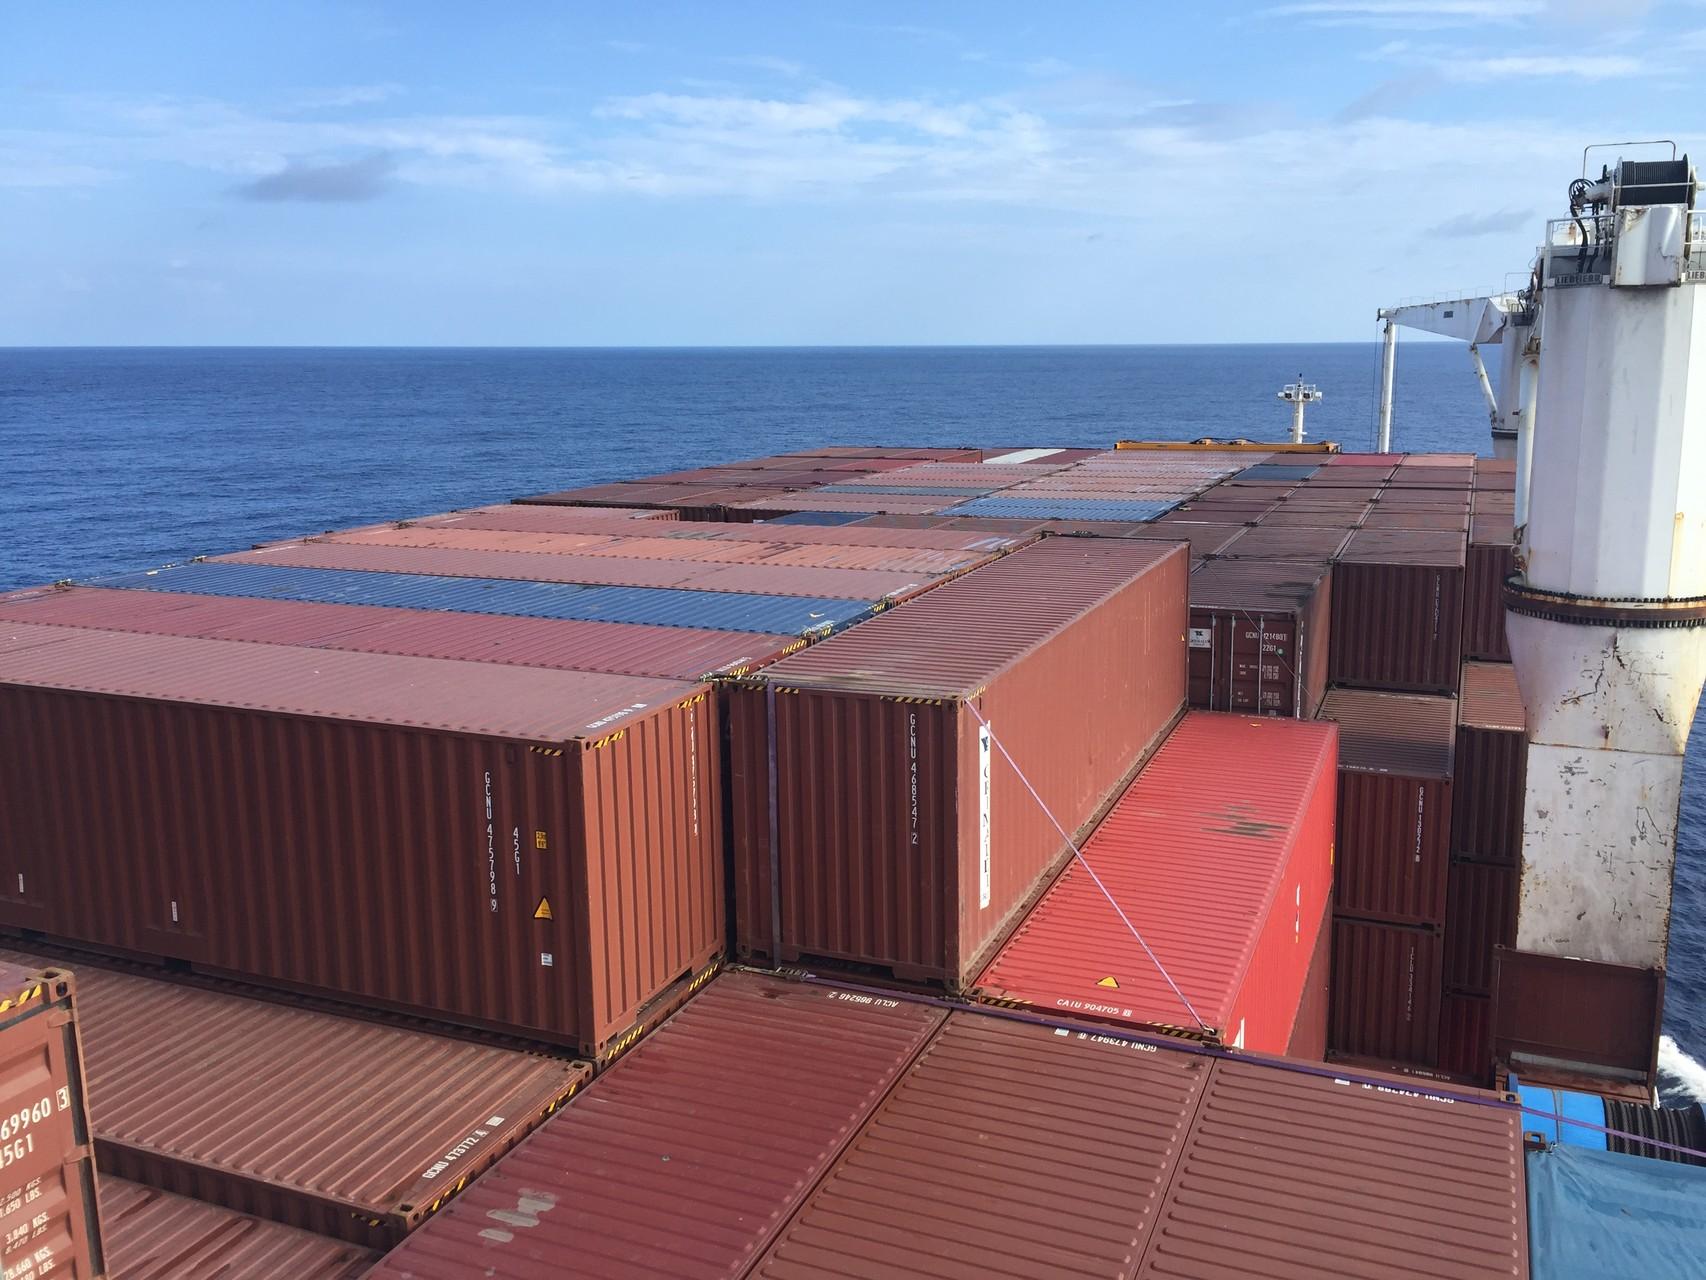 Voll beladen mit Containern auf dem Deck